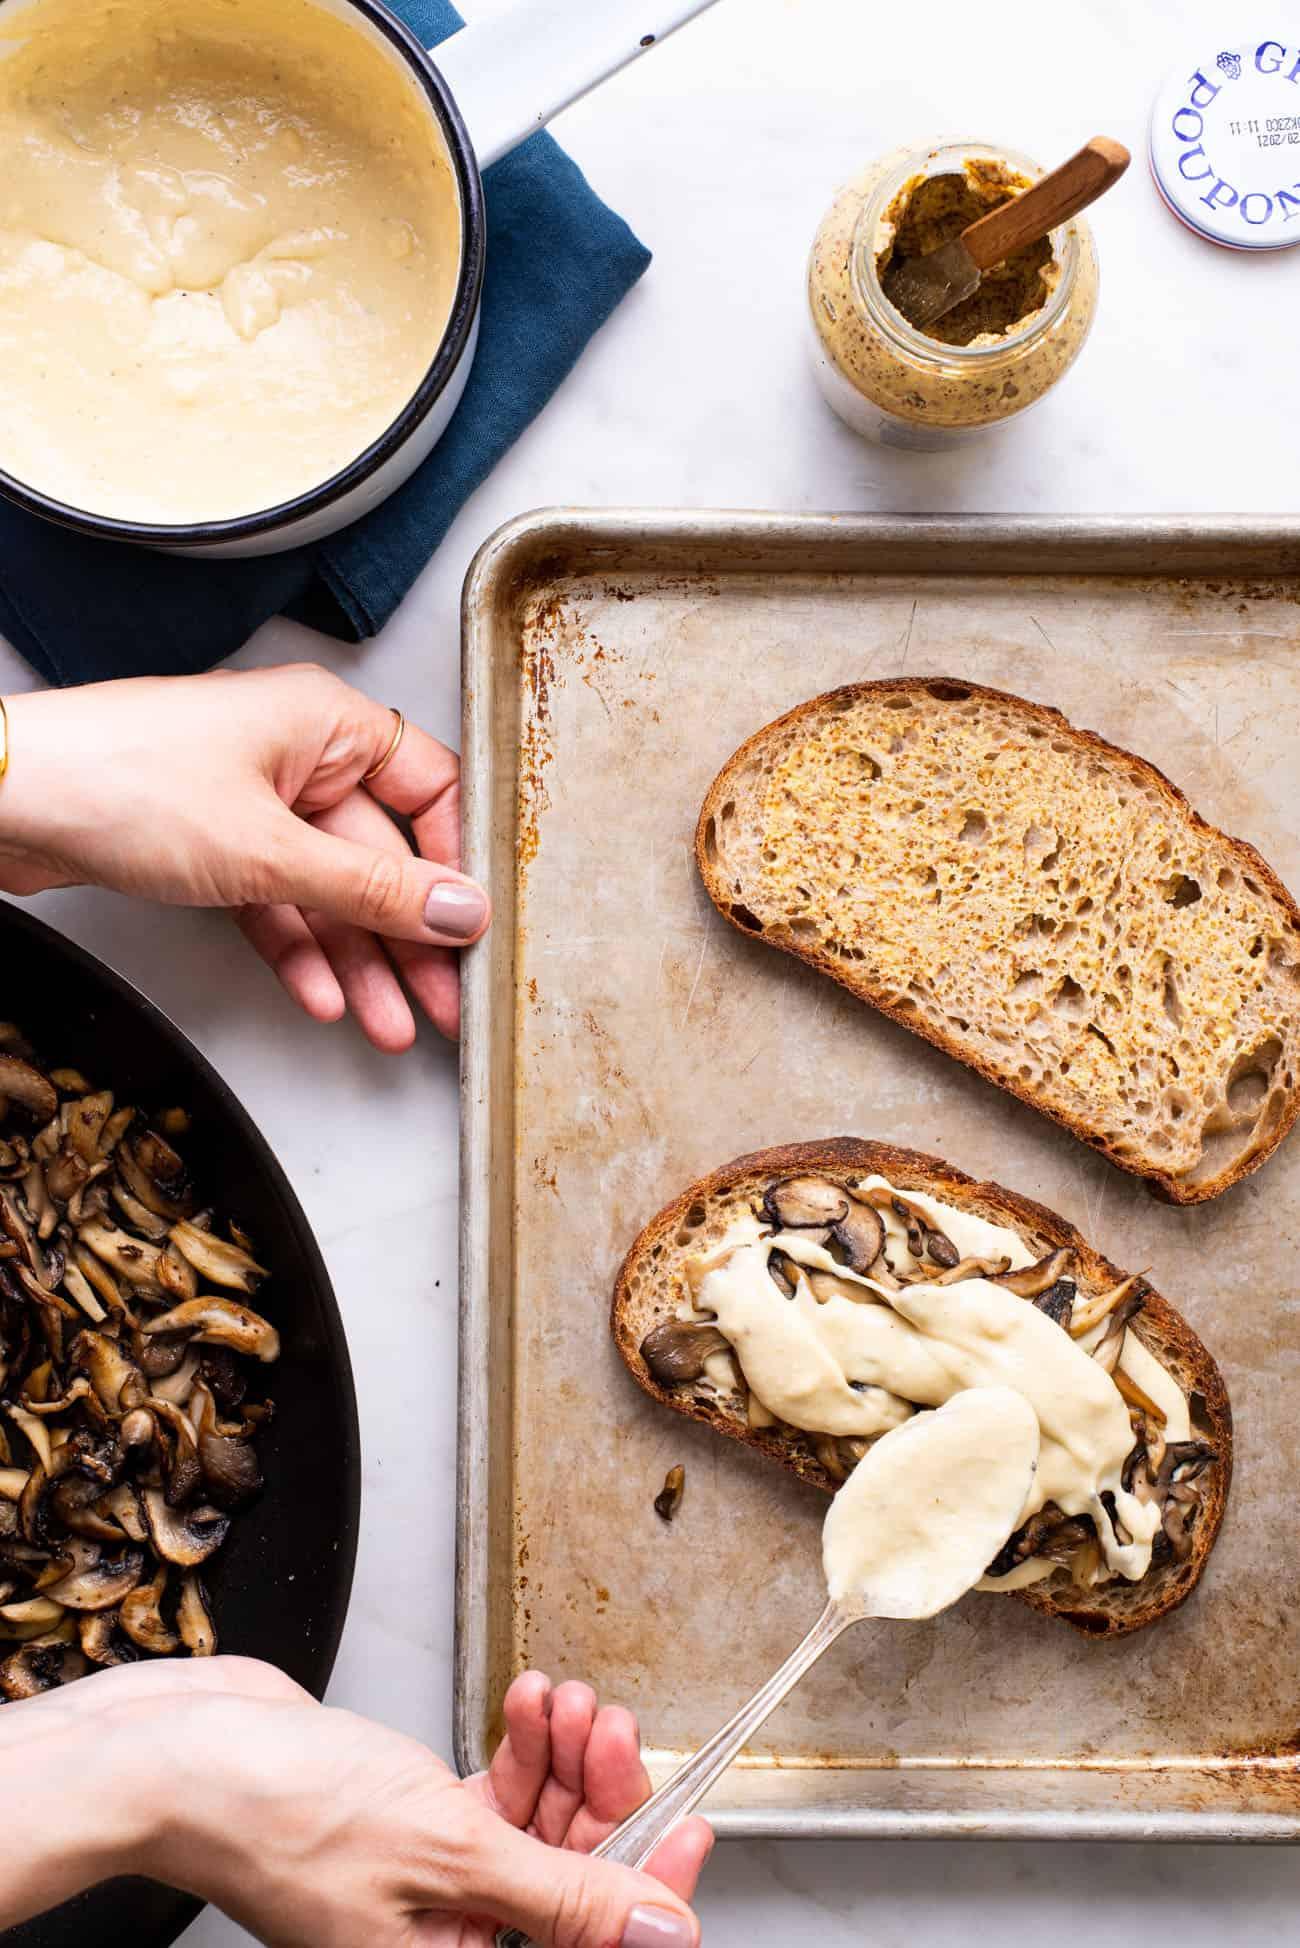 Woman's hands assembling vegan mushroom toasts.